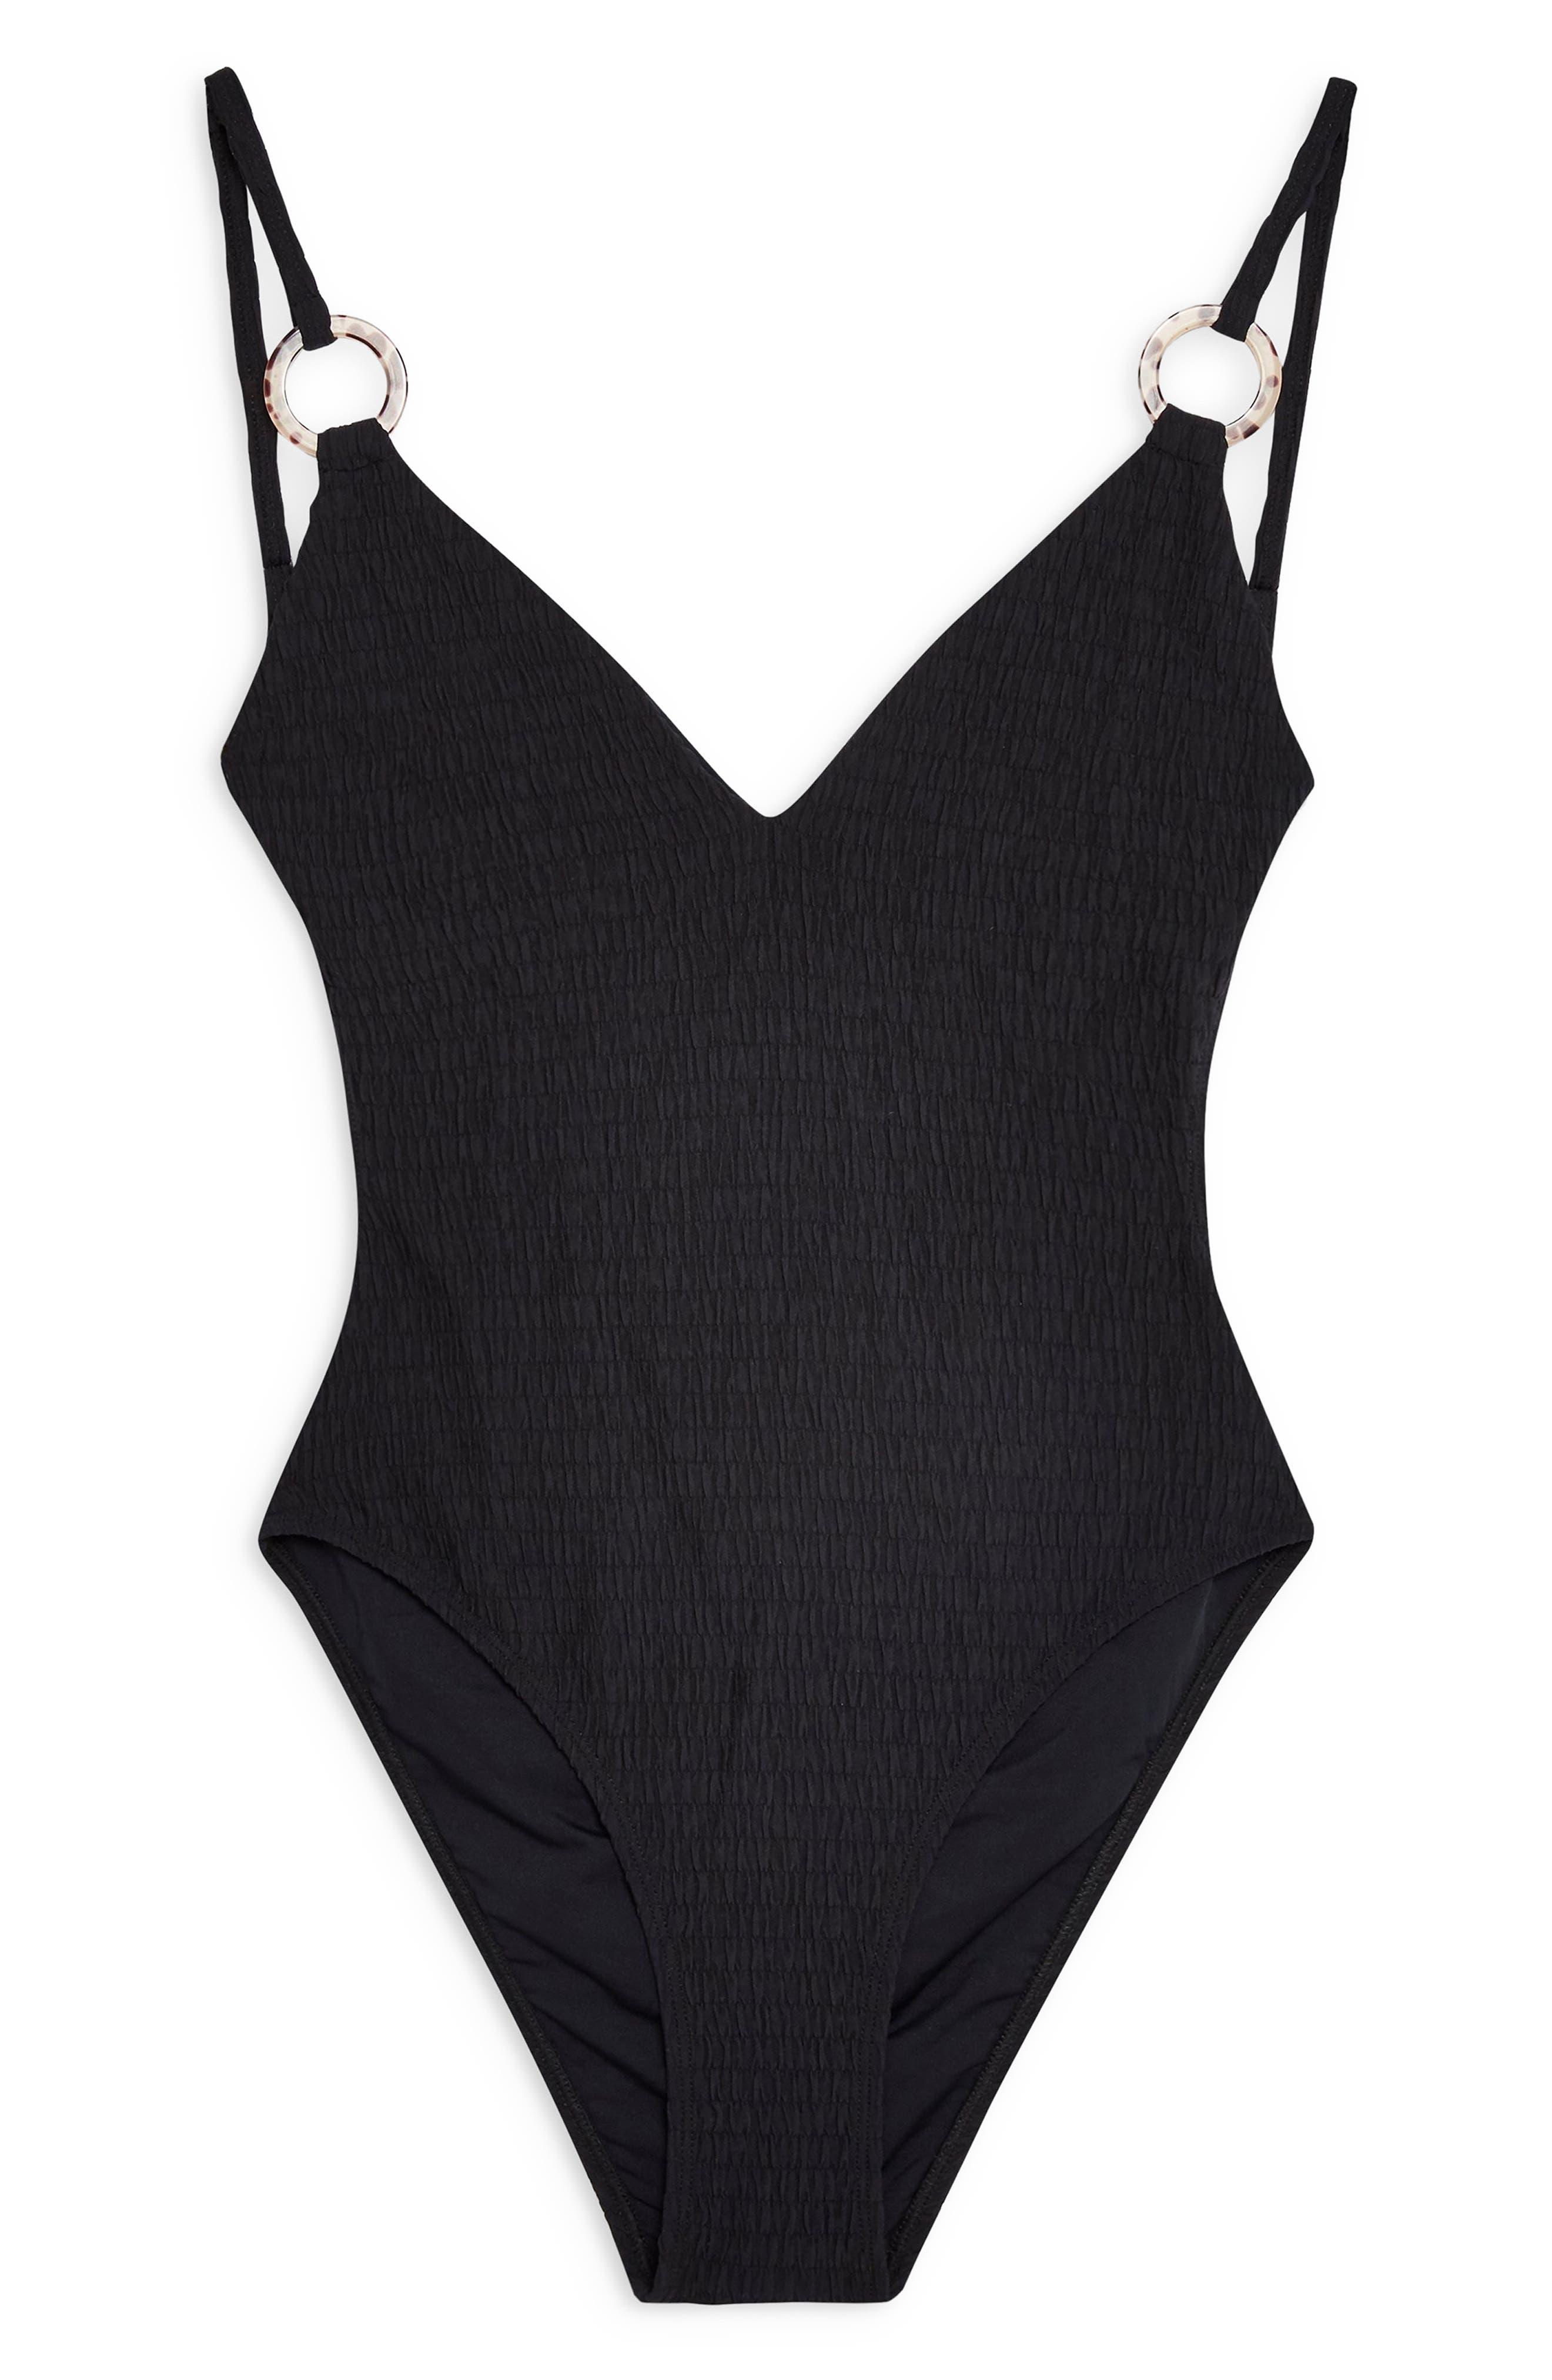 TOPSHOP, Plunge One-Piece Swimsuit, Alternate thumbnail 5, color, BLACK